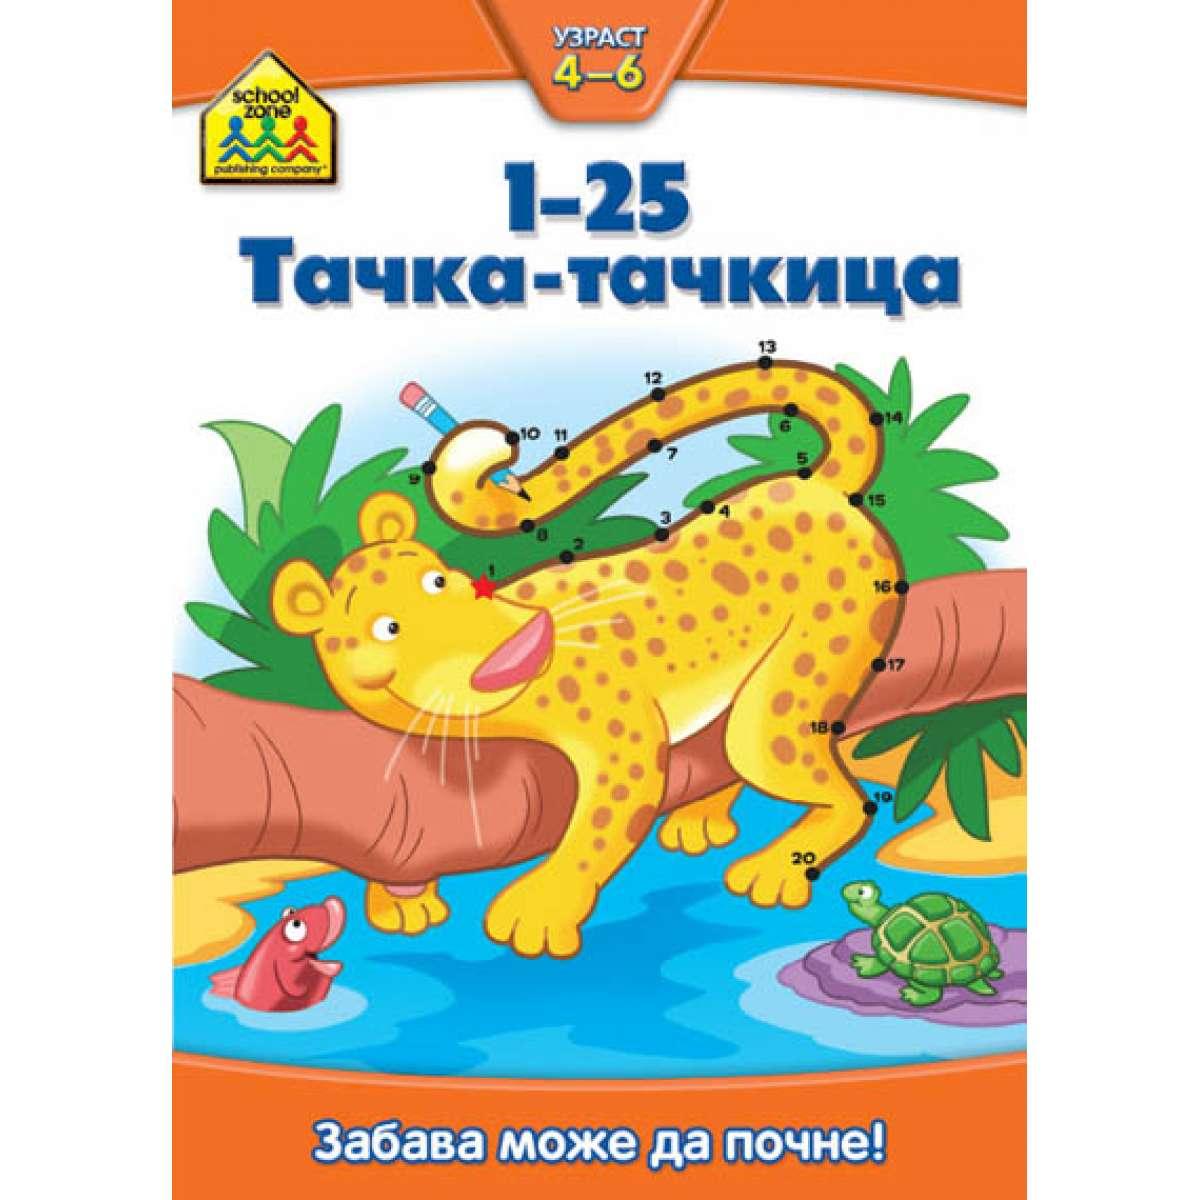 Vulkančićeva škola: 1-25 TAČKA-TAČKICA